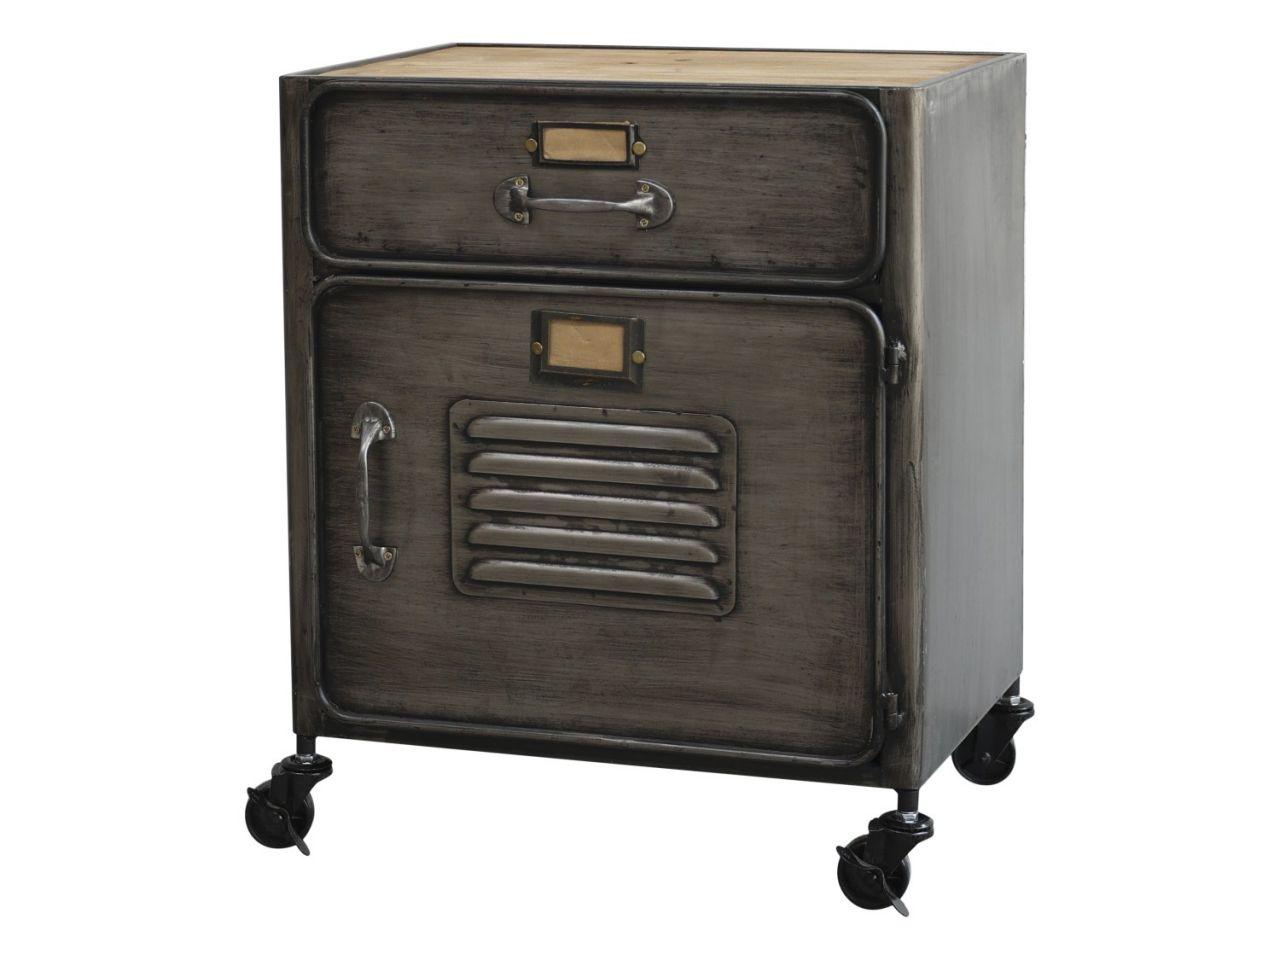 -Factory Schrank mit Schublade von Chic Antique-